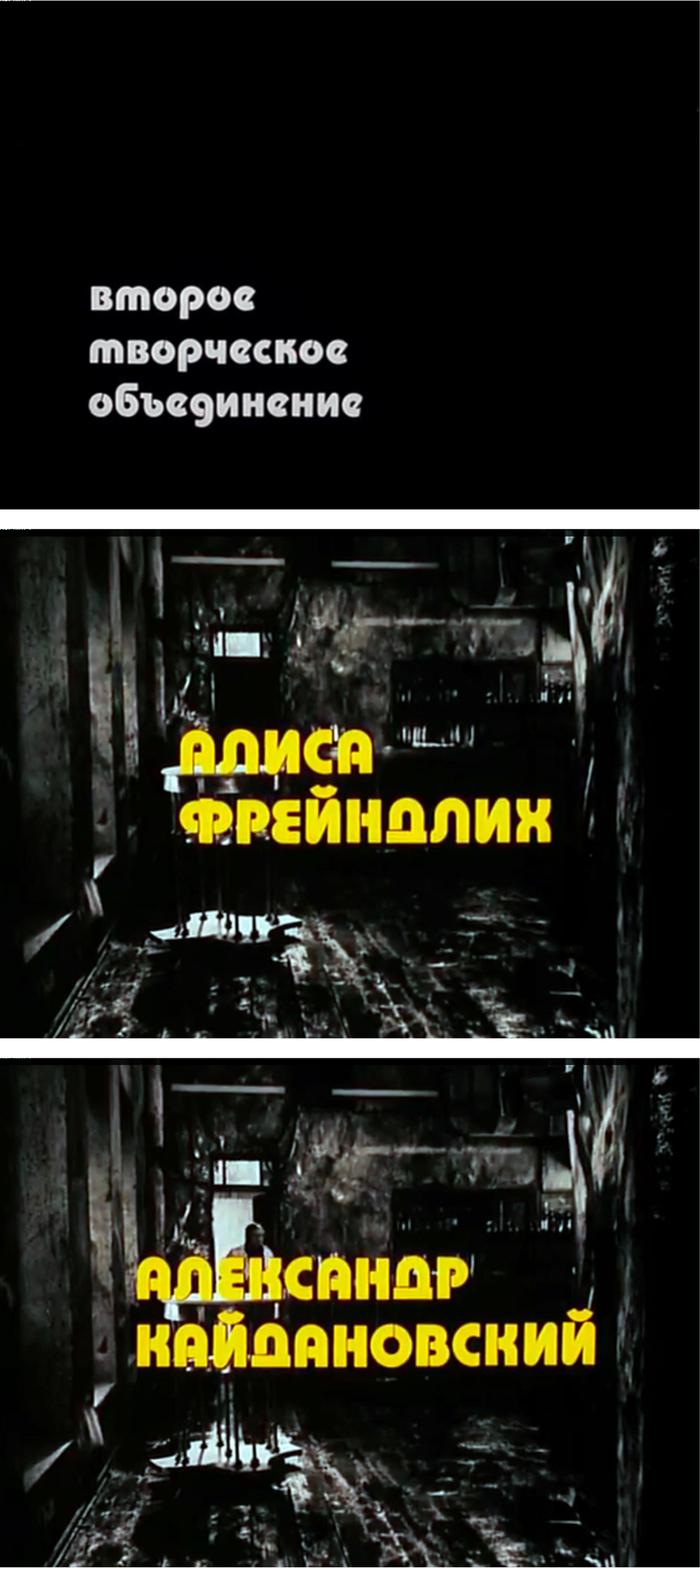 Stalker opening titles 1